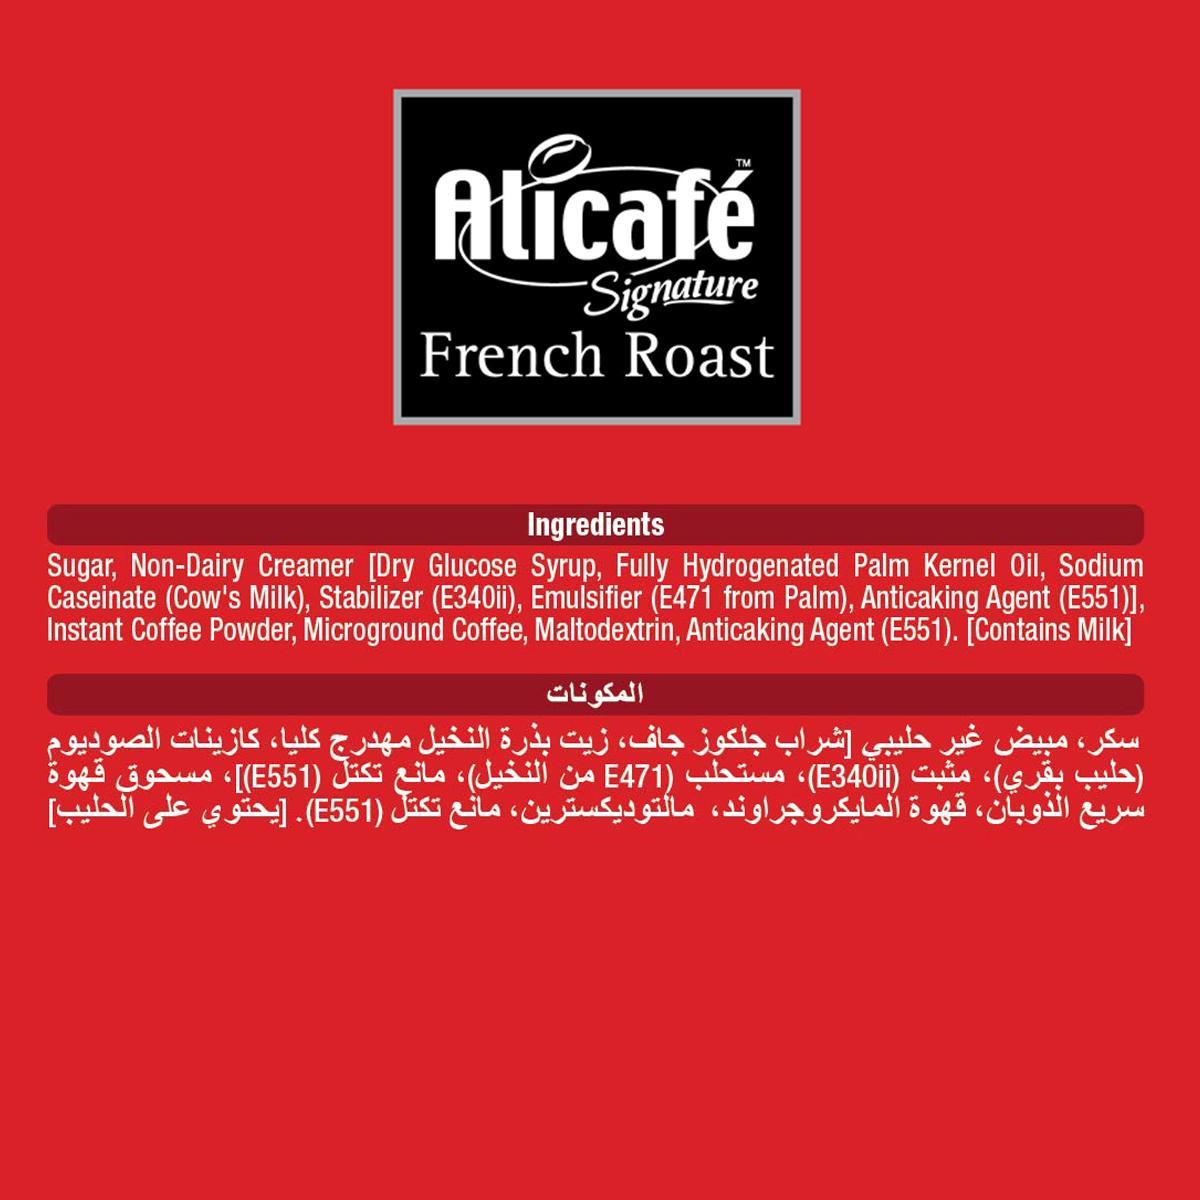 Alicafé Signature French Roast